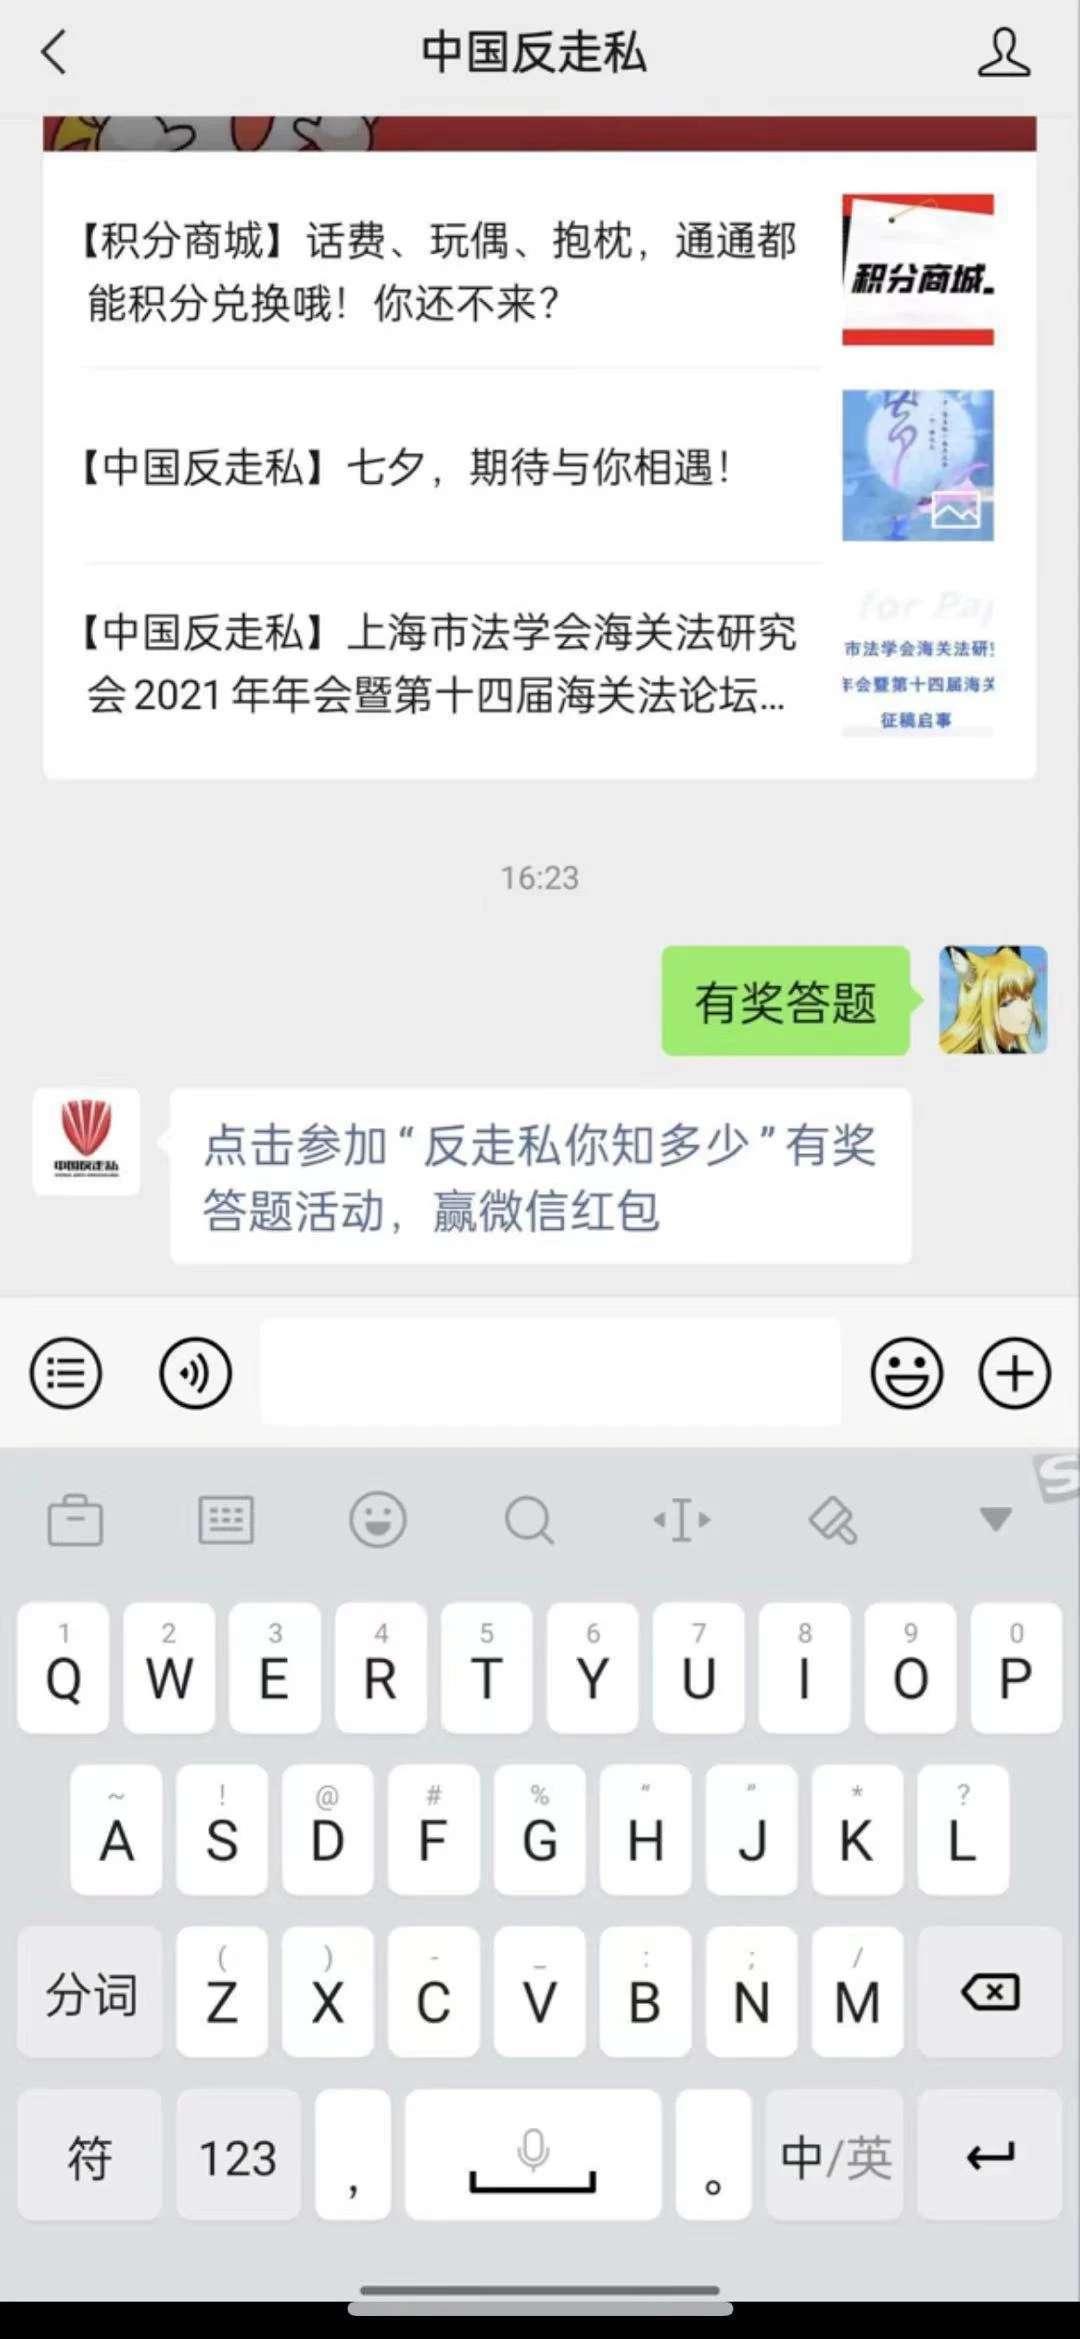 【红包区】中国反走私有奖问答问题抽红包插图1